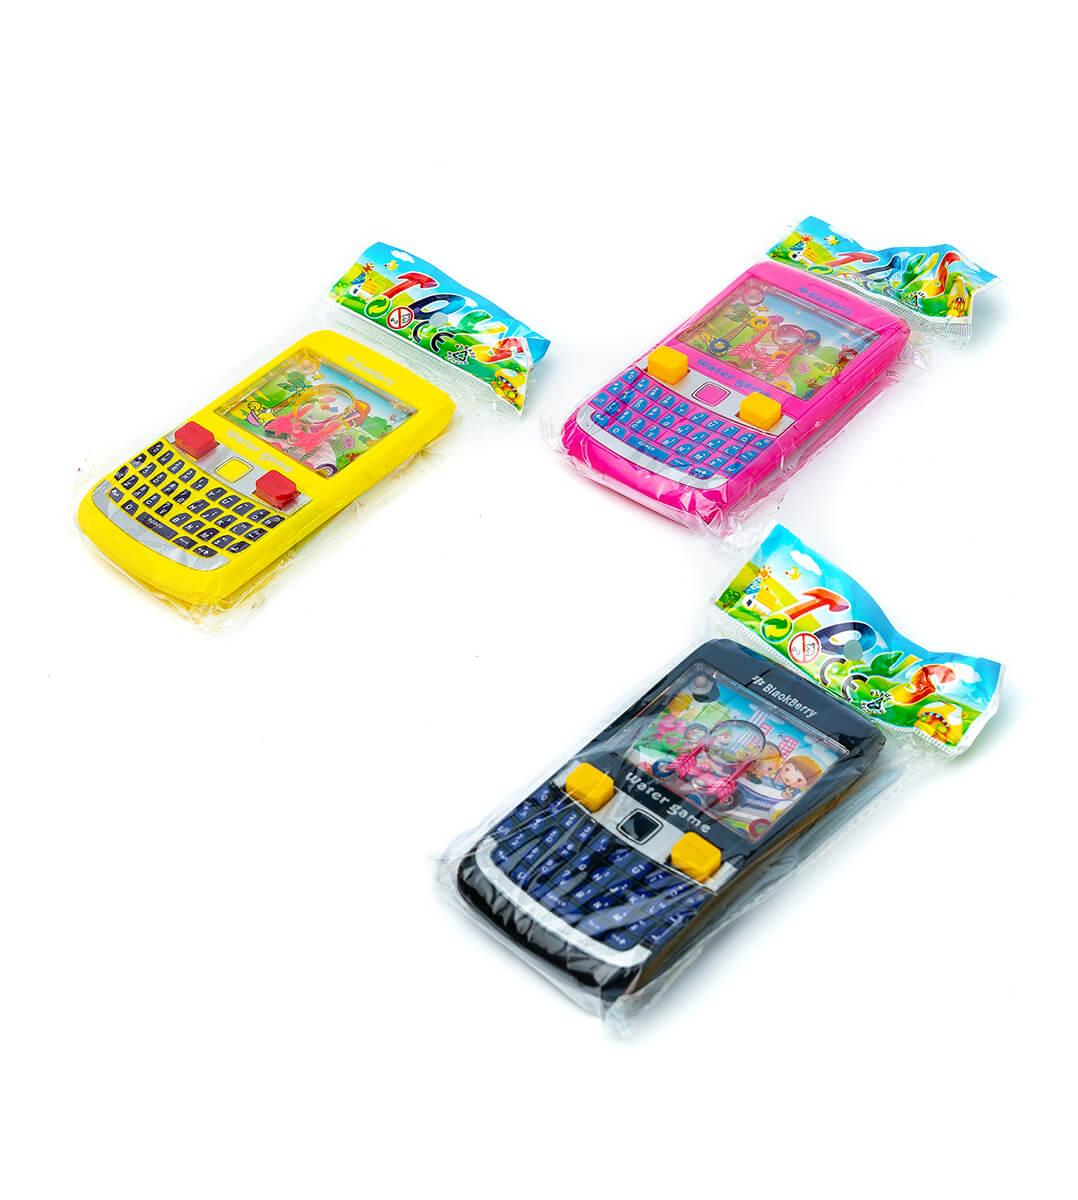 Водяная игра колечки телефон в пакете 8221 с